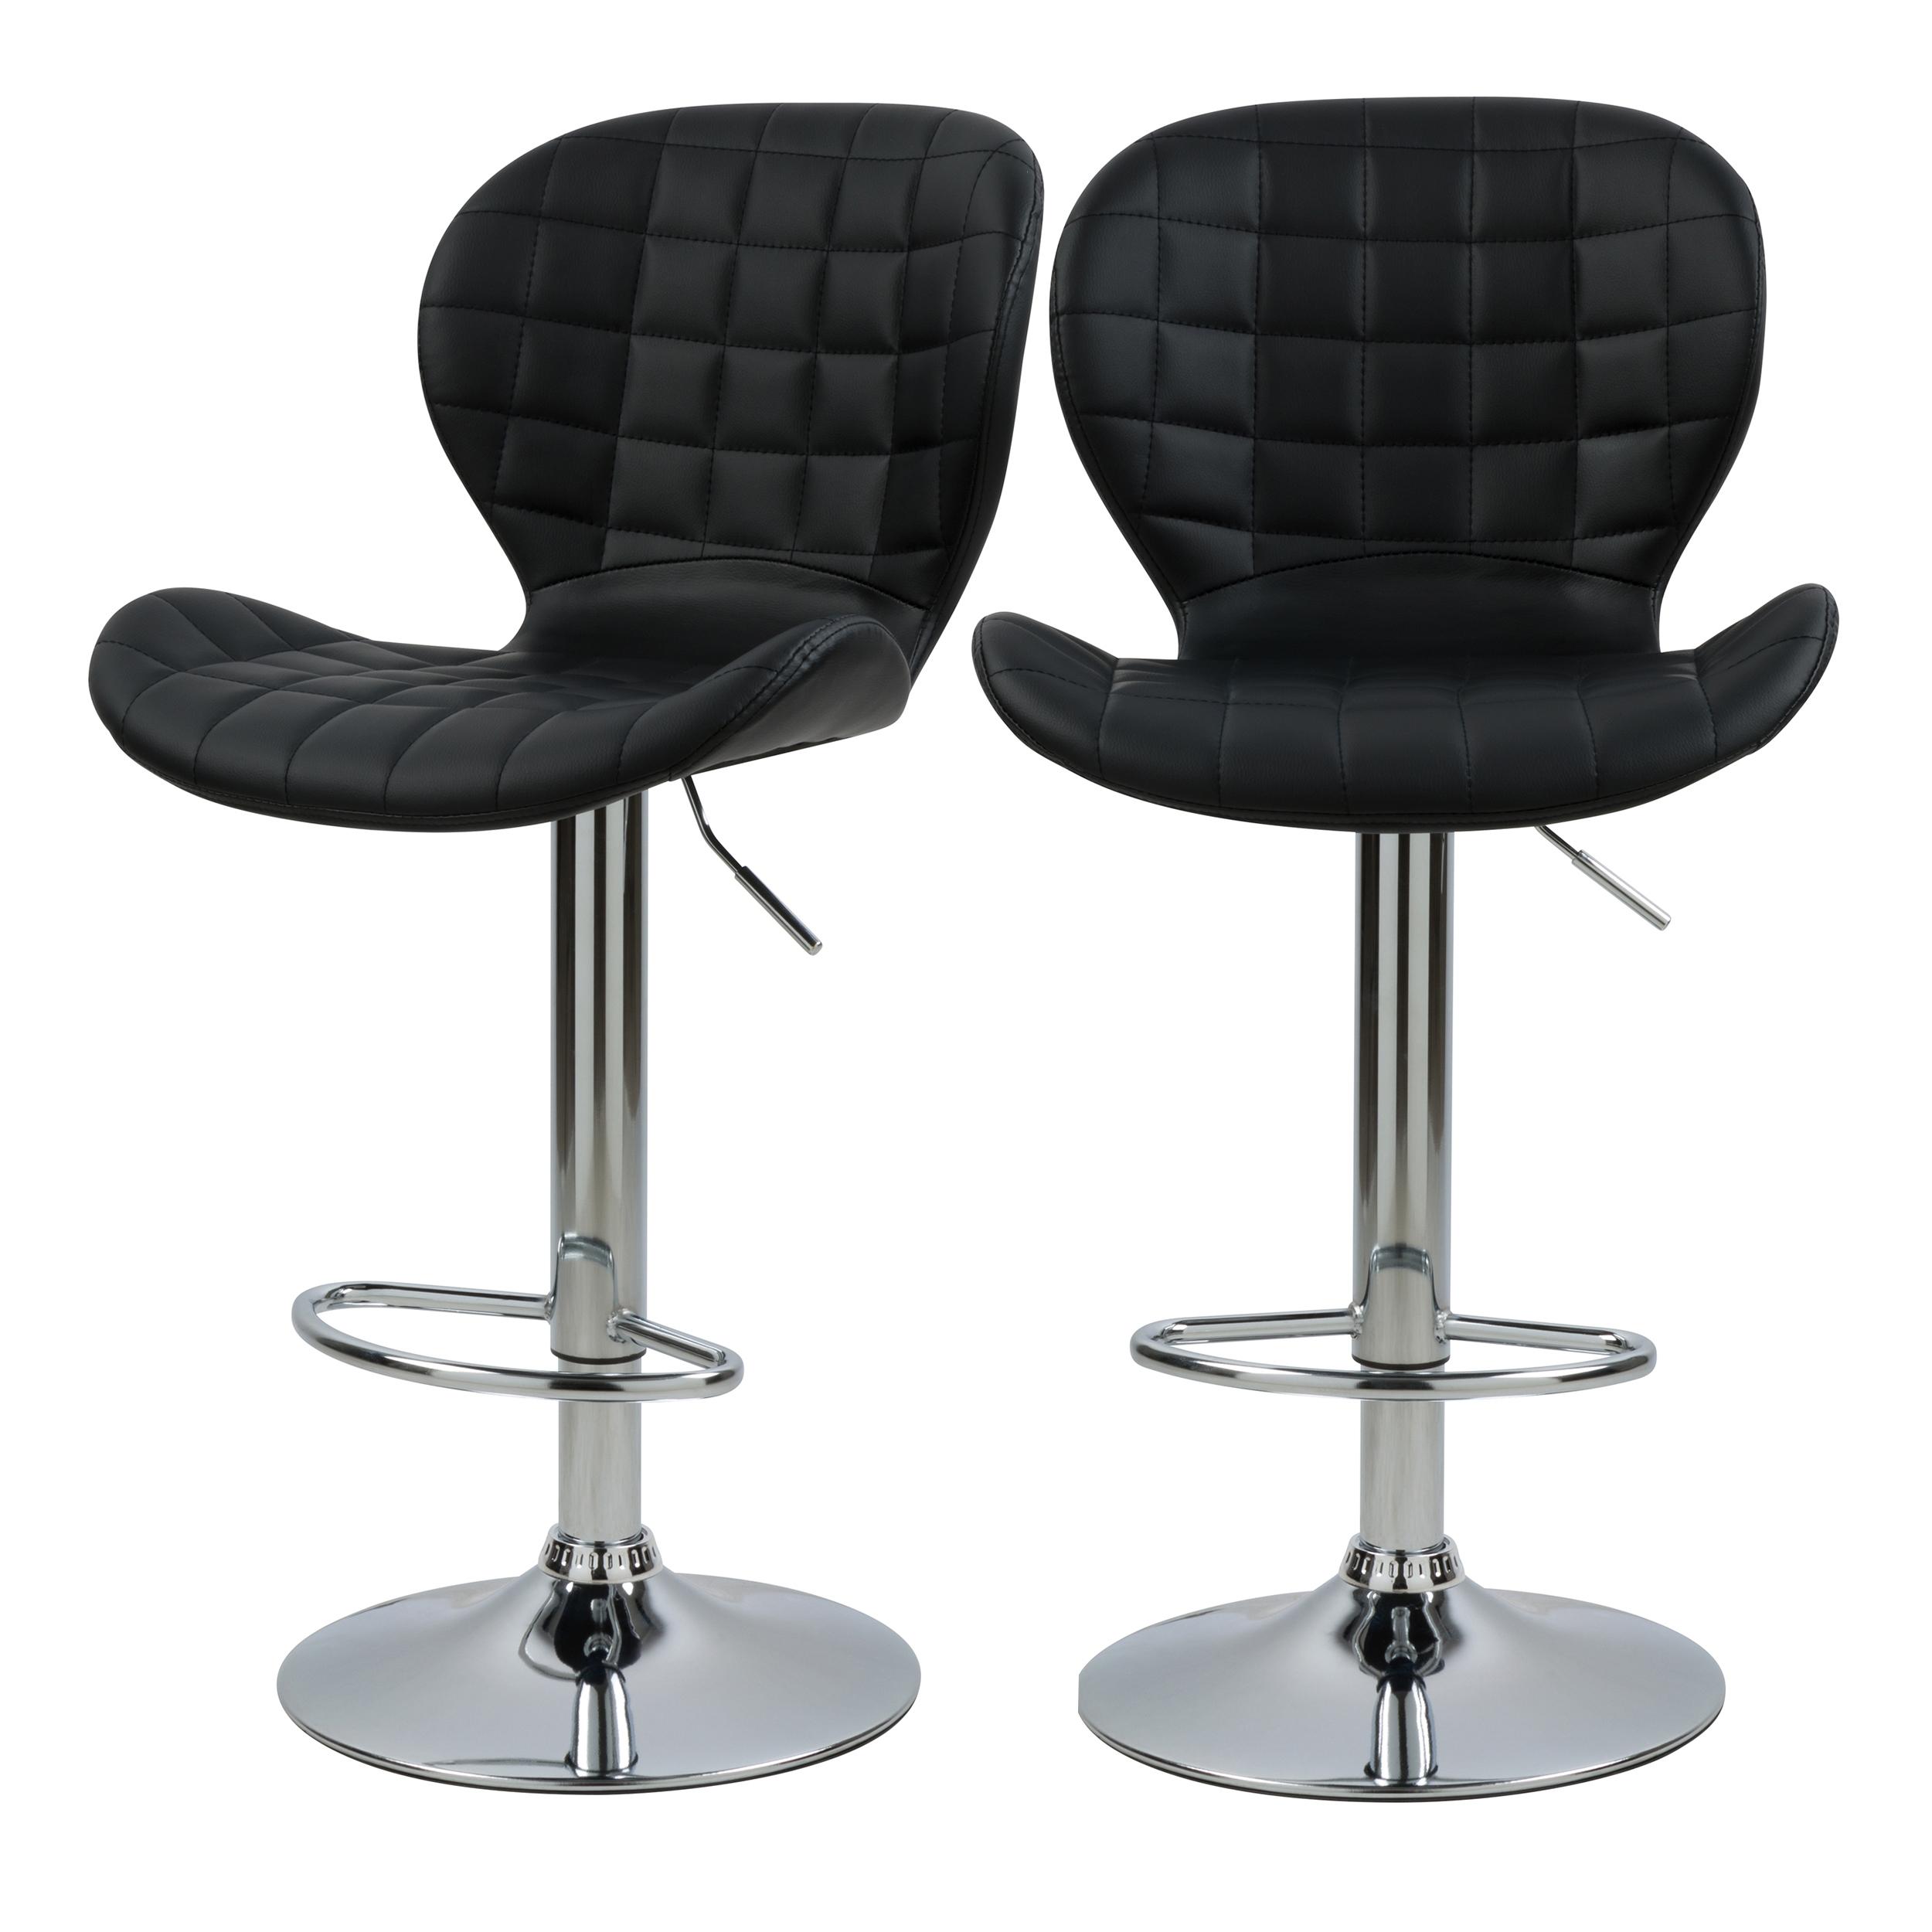 Chaise de bar réglable 53/74cm en cuir synthétique noir (x2)